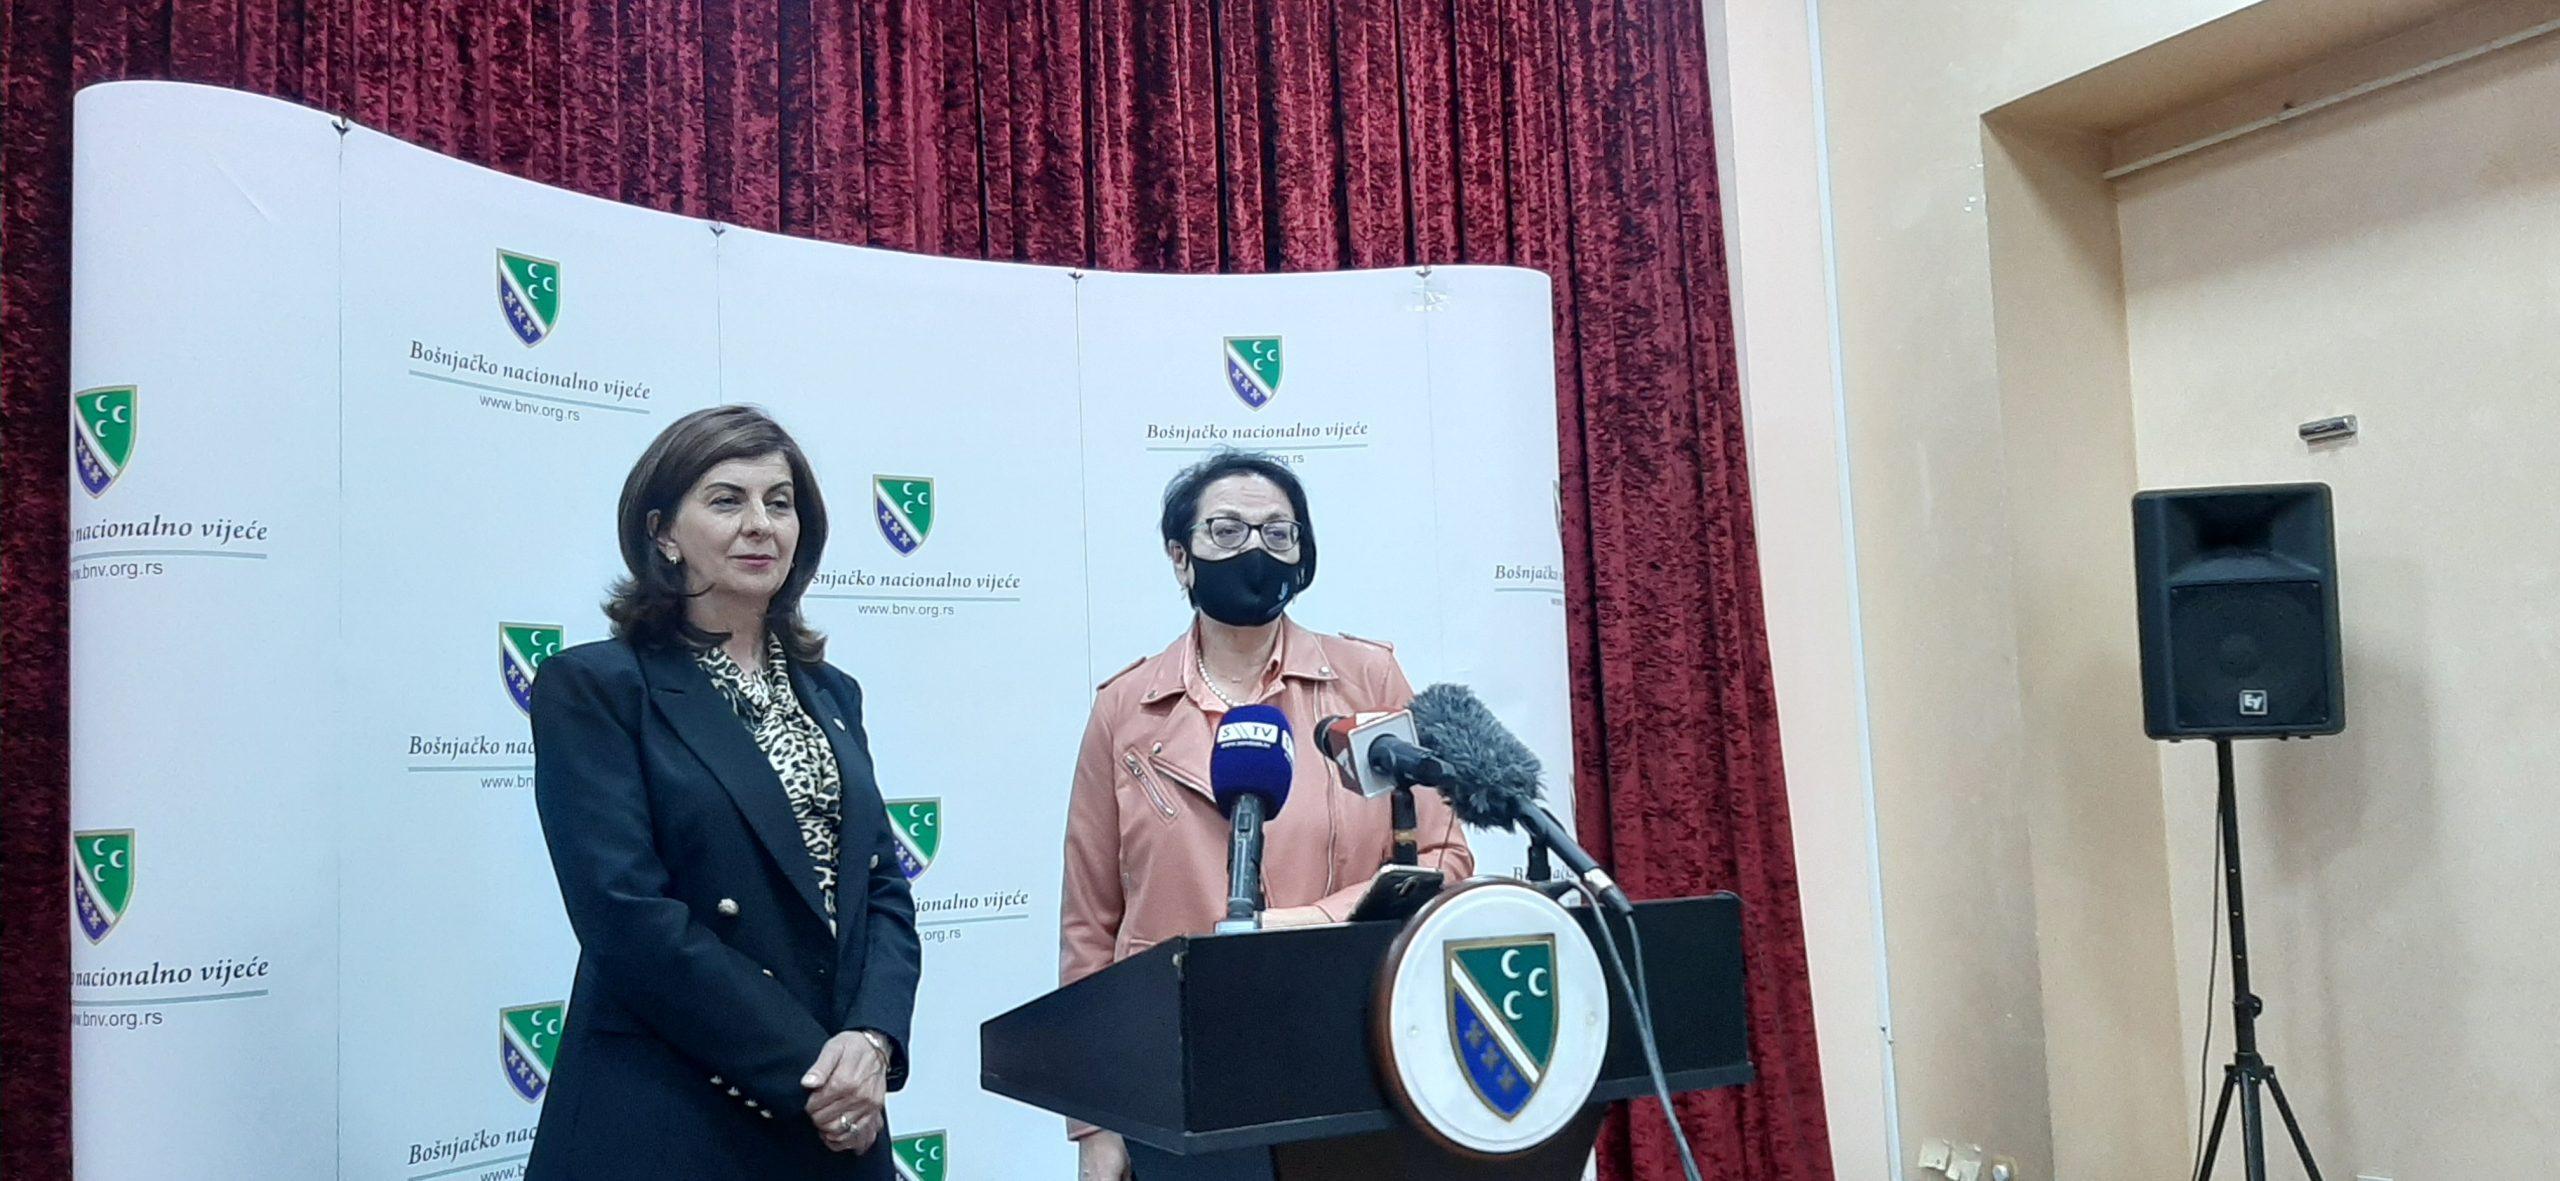 Ministarka Čomić posetila Bošnjačko nacionalno vijeće (video)